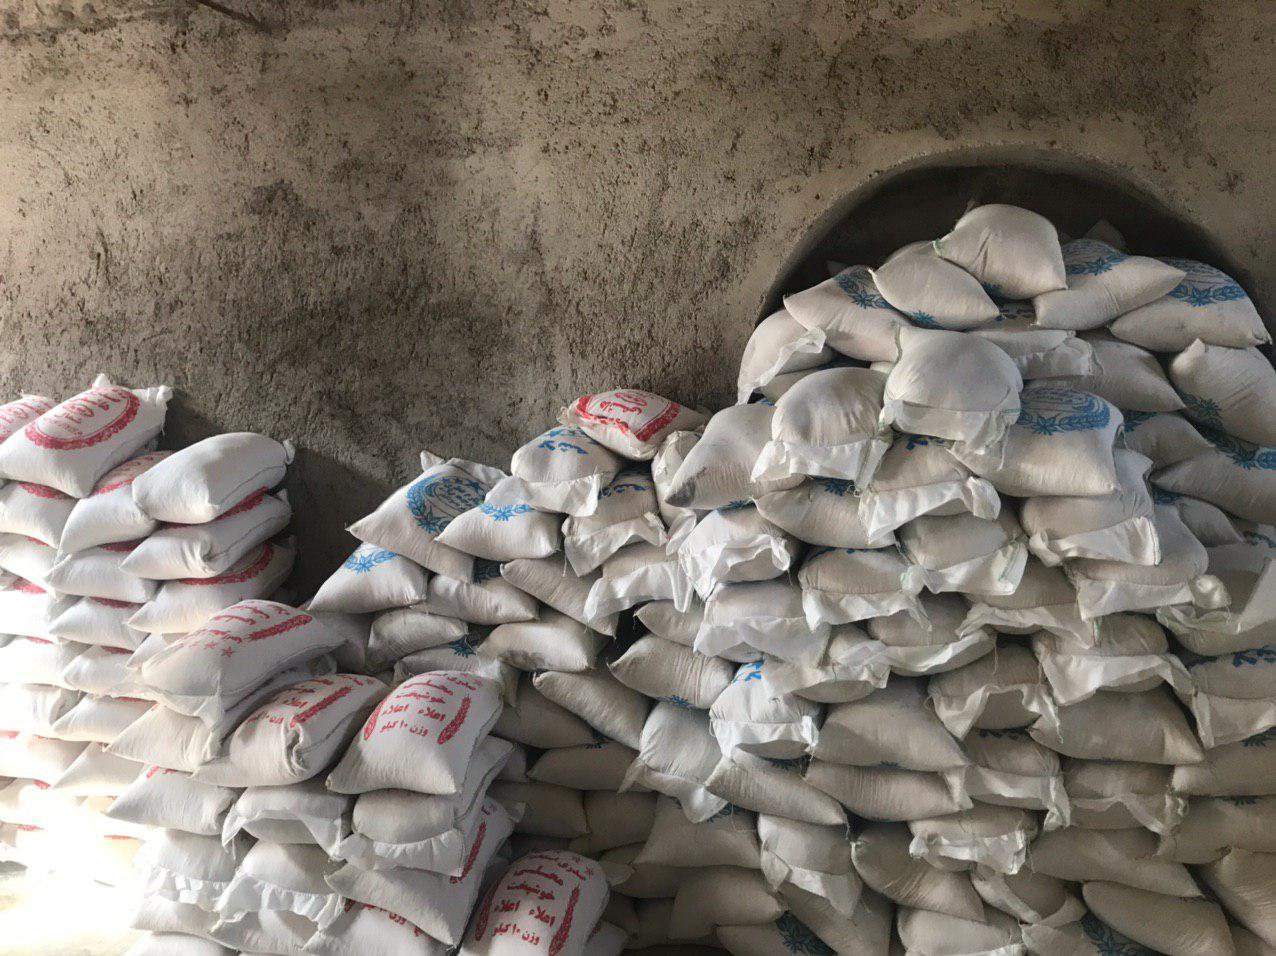 کشف برنج های  احتکار شده در رستاق